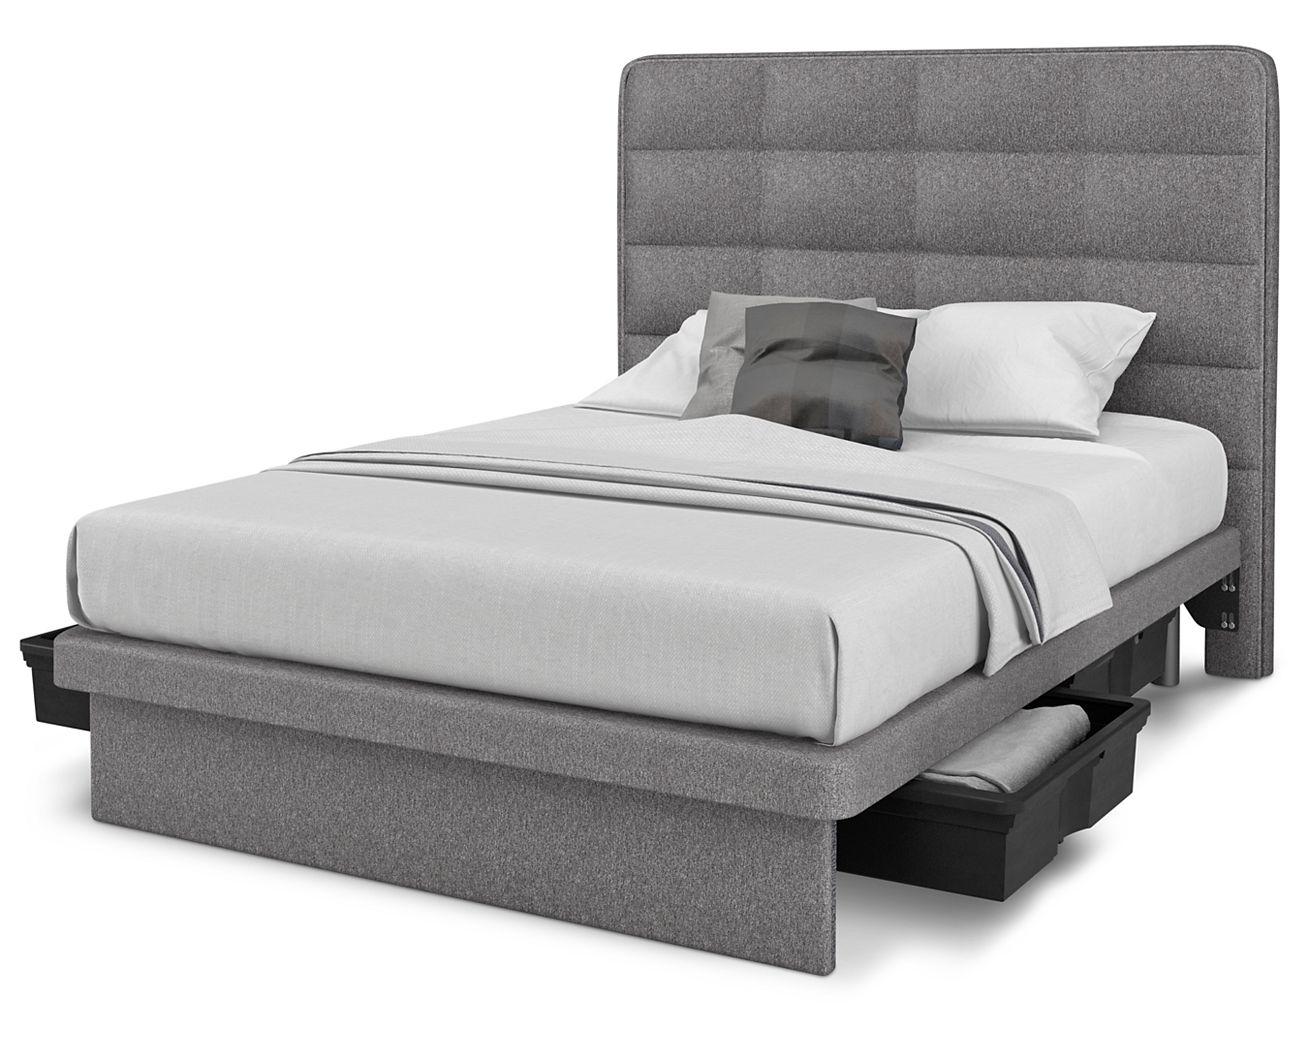 denver platform bed with storage  denver mattress -  denver platform bed with storage full screen rollover to zoom